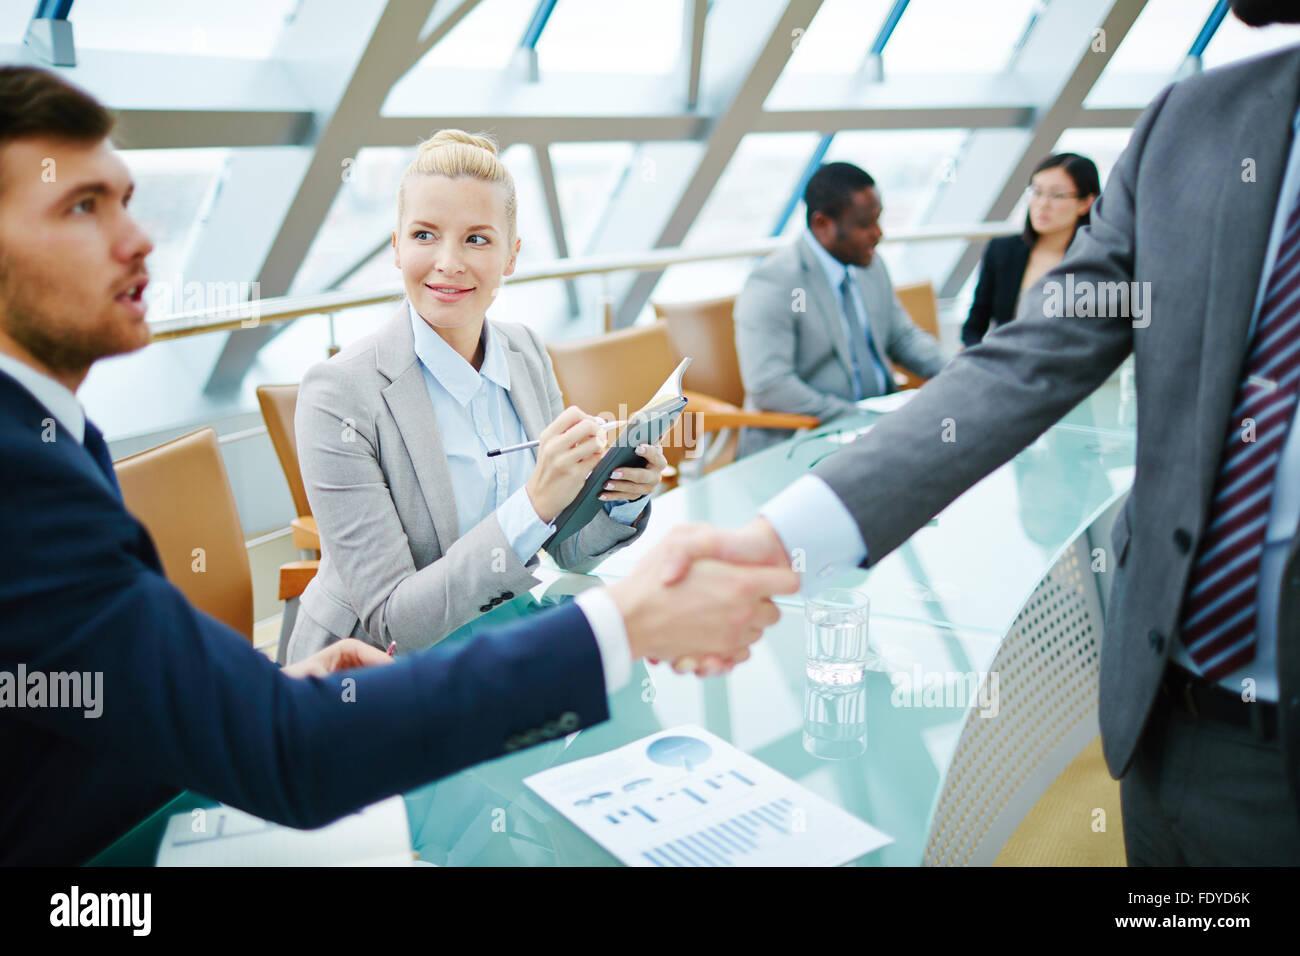 Felice imprenditrice guardando uno dei proprietari lo handshaking con partner Immagini Stock